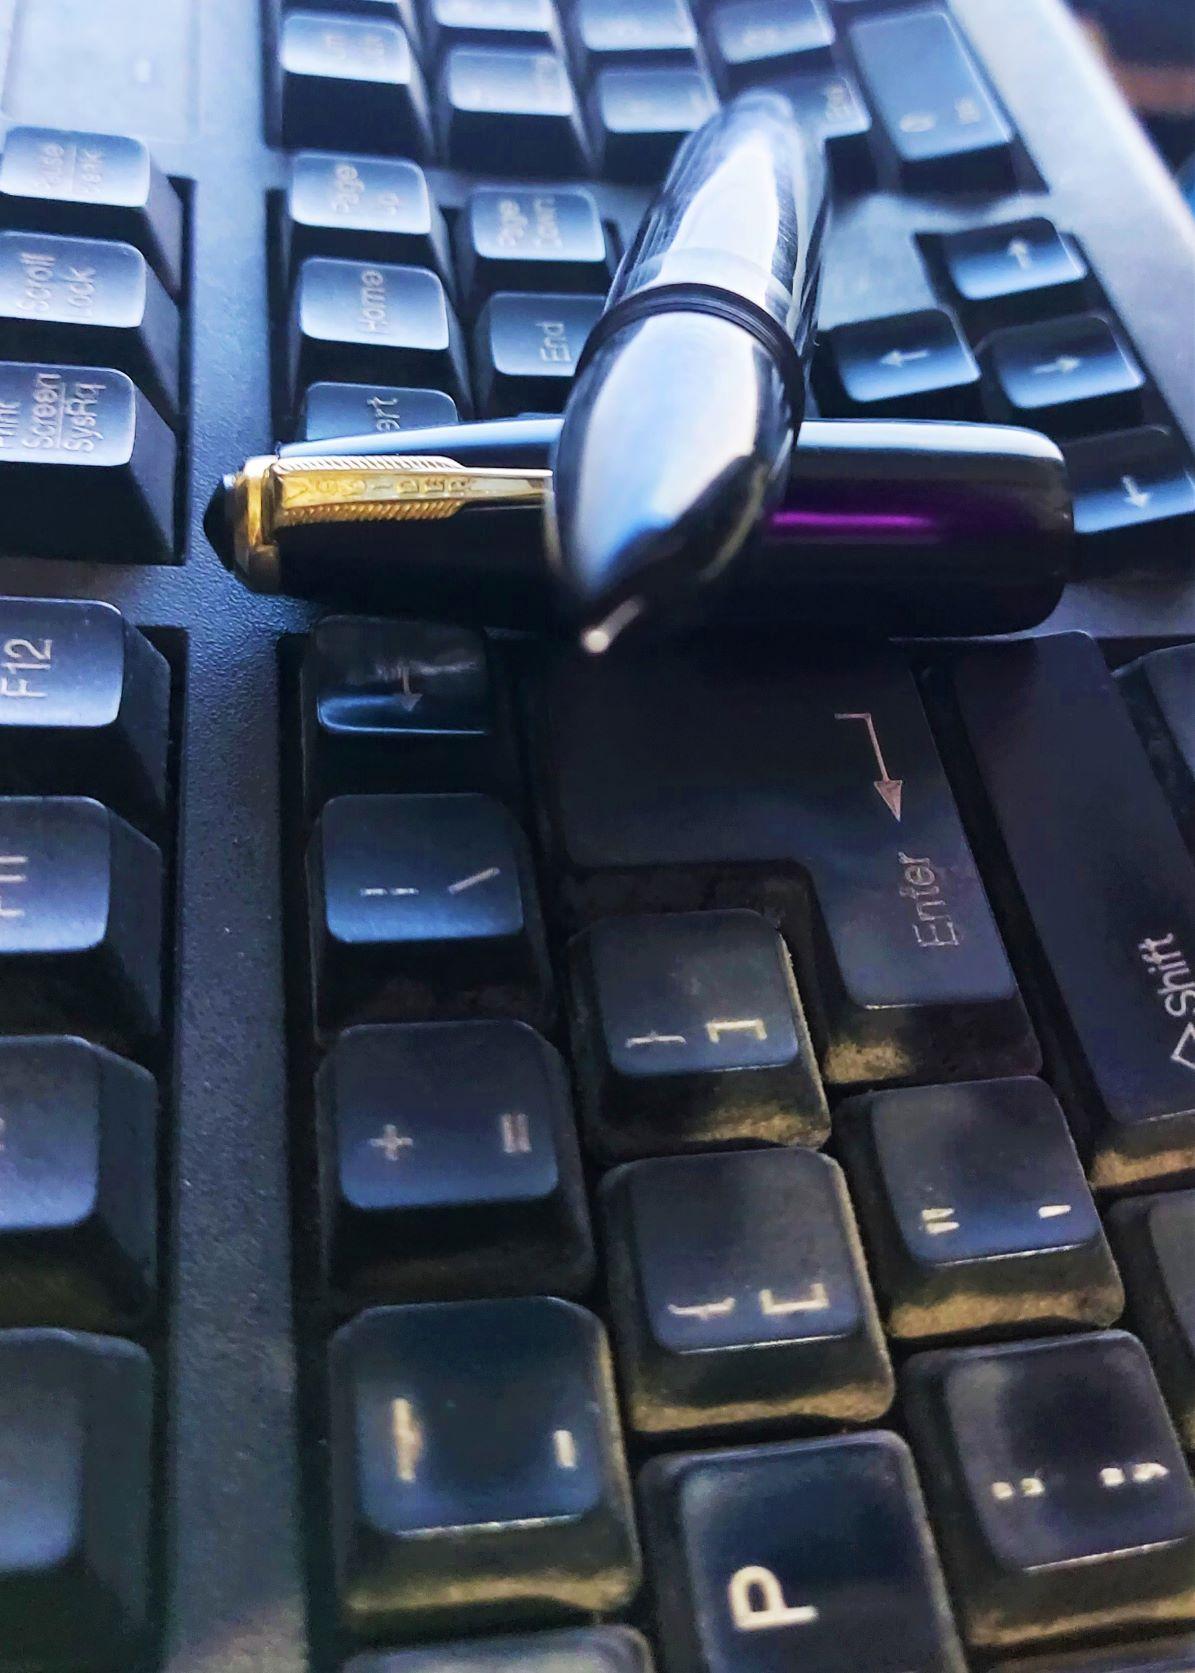 Heavy vs Light pens,